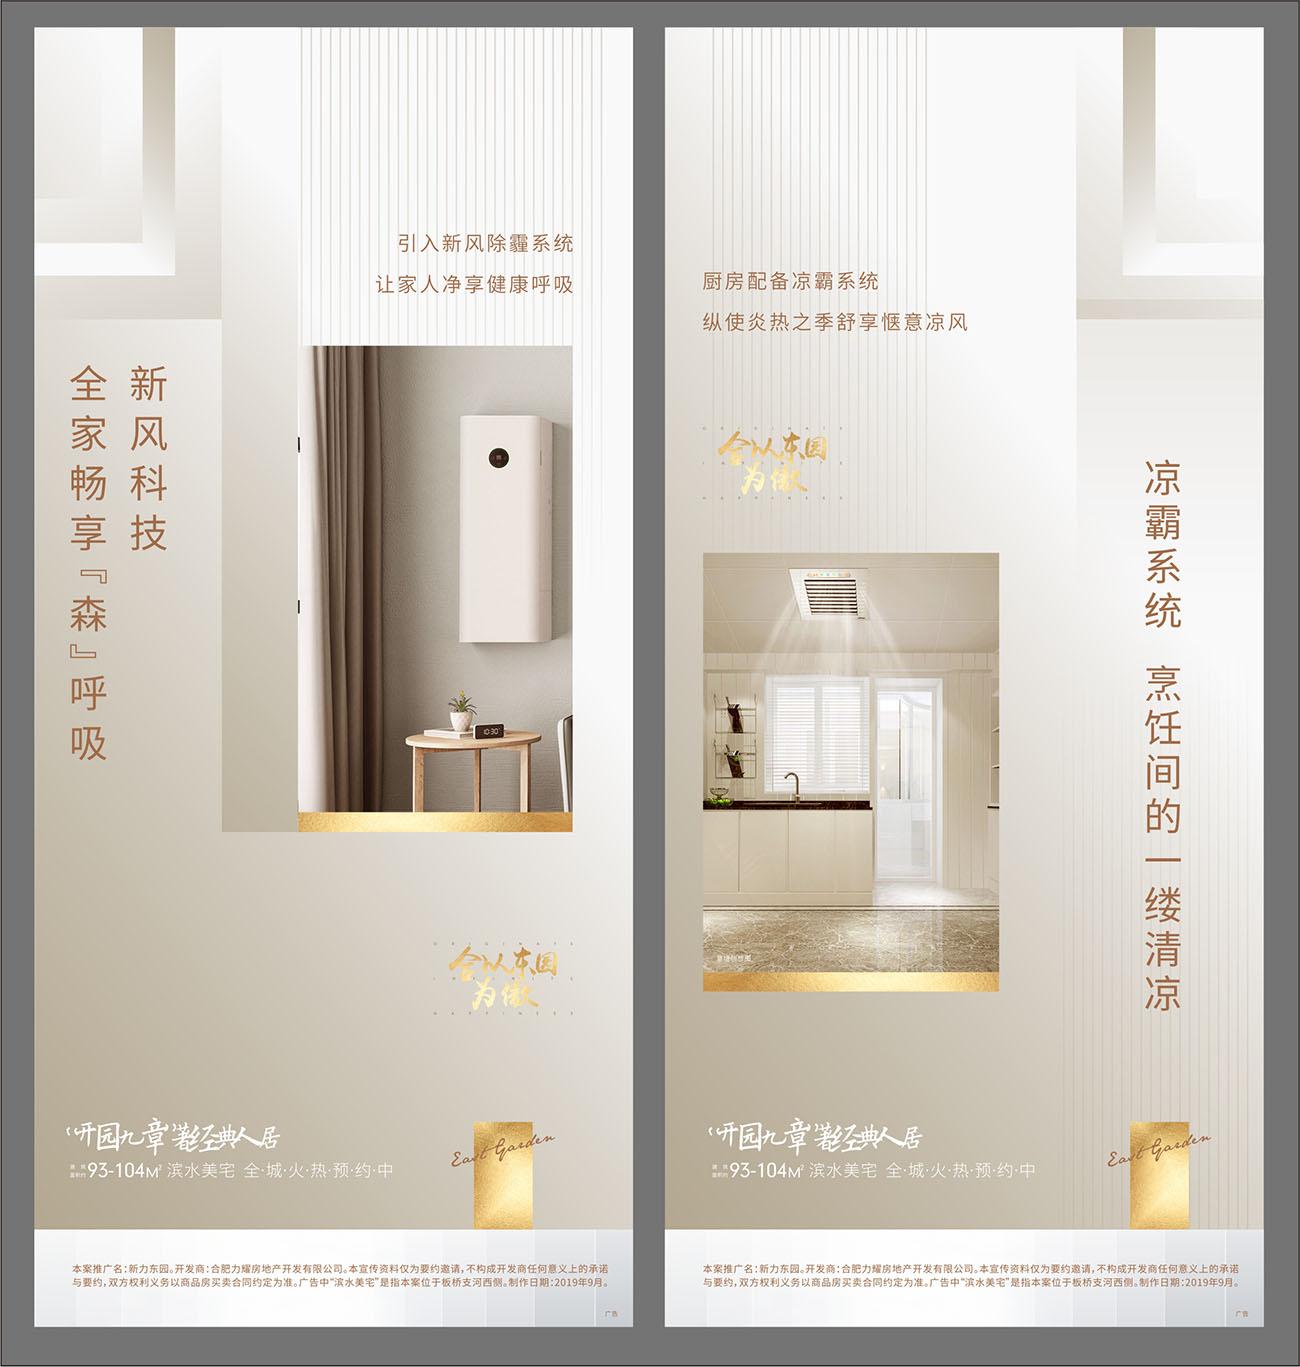 精工精装地产价值系列海报CDR源文件插图